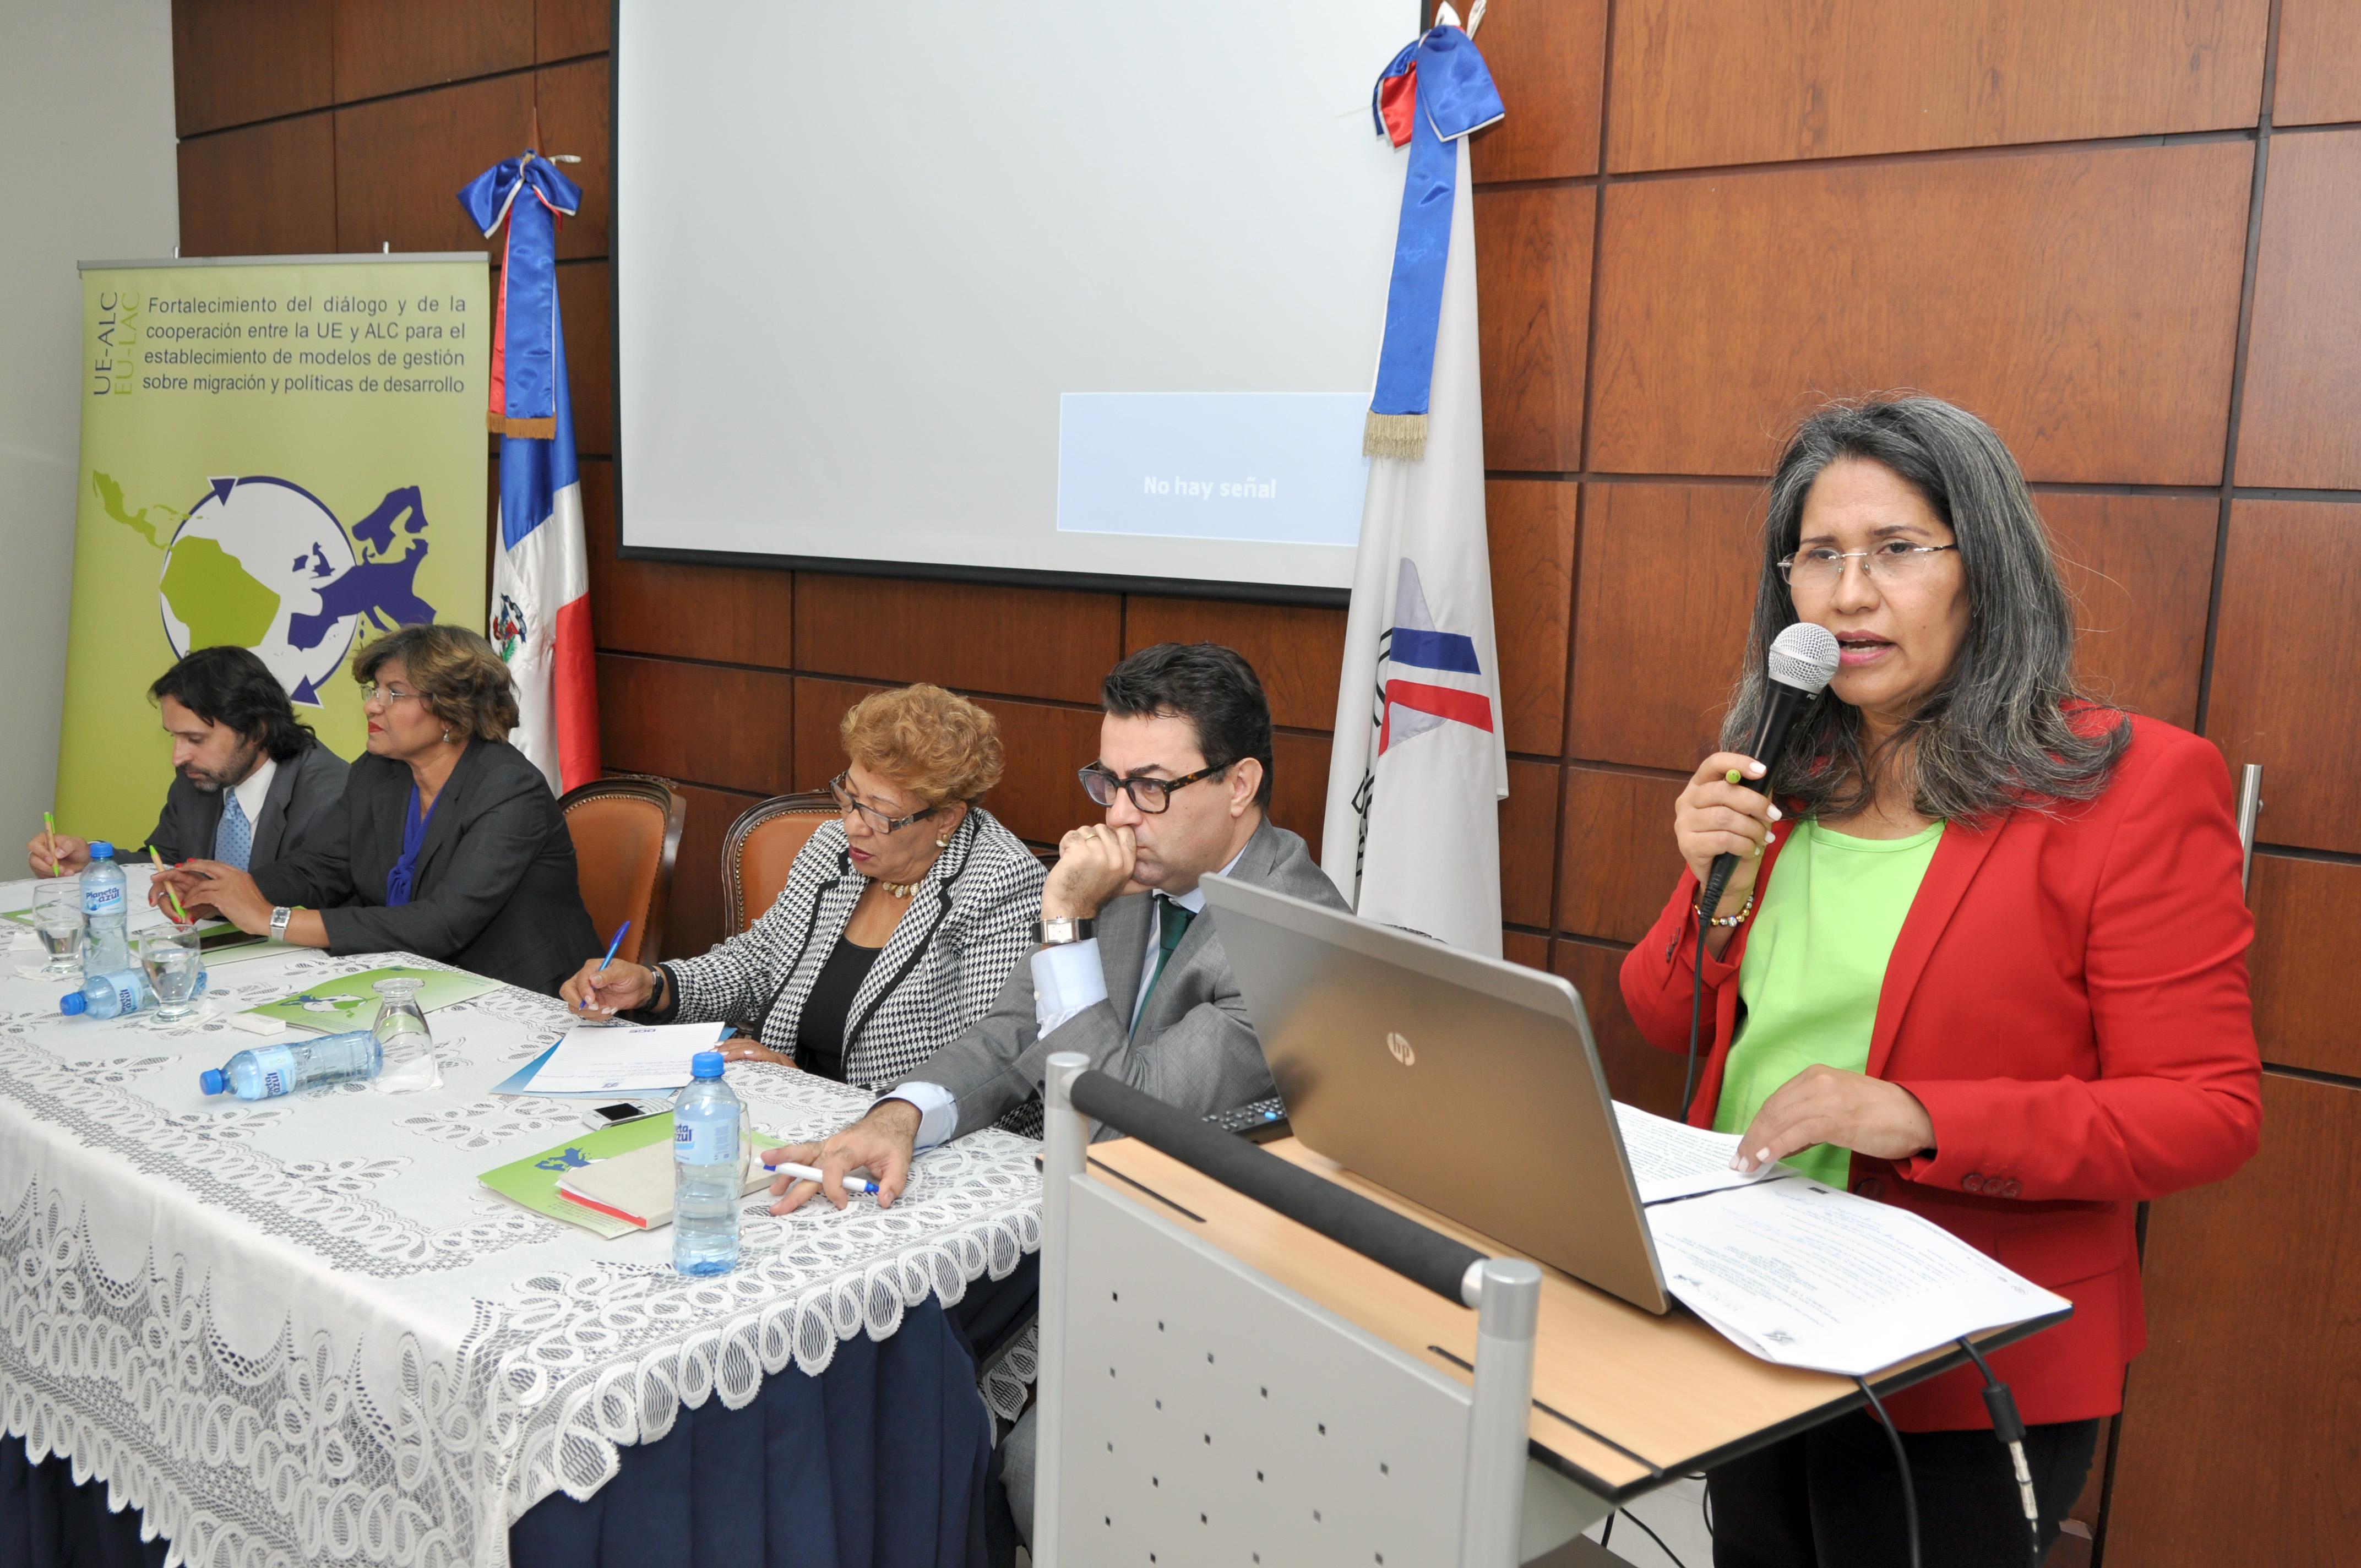 Ministerio de Trabajo y FIIAPP presentan resultados de estudio sobre migración laboral